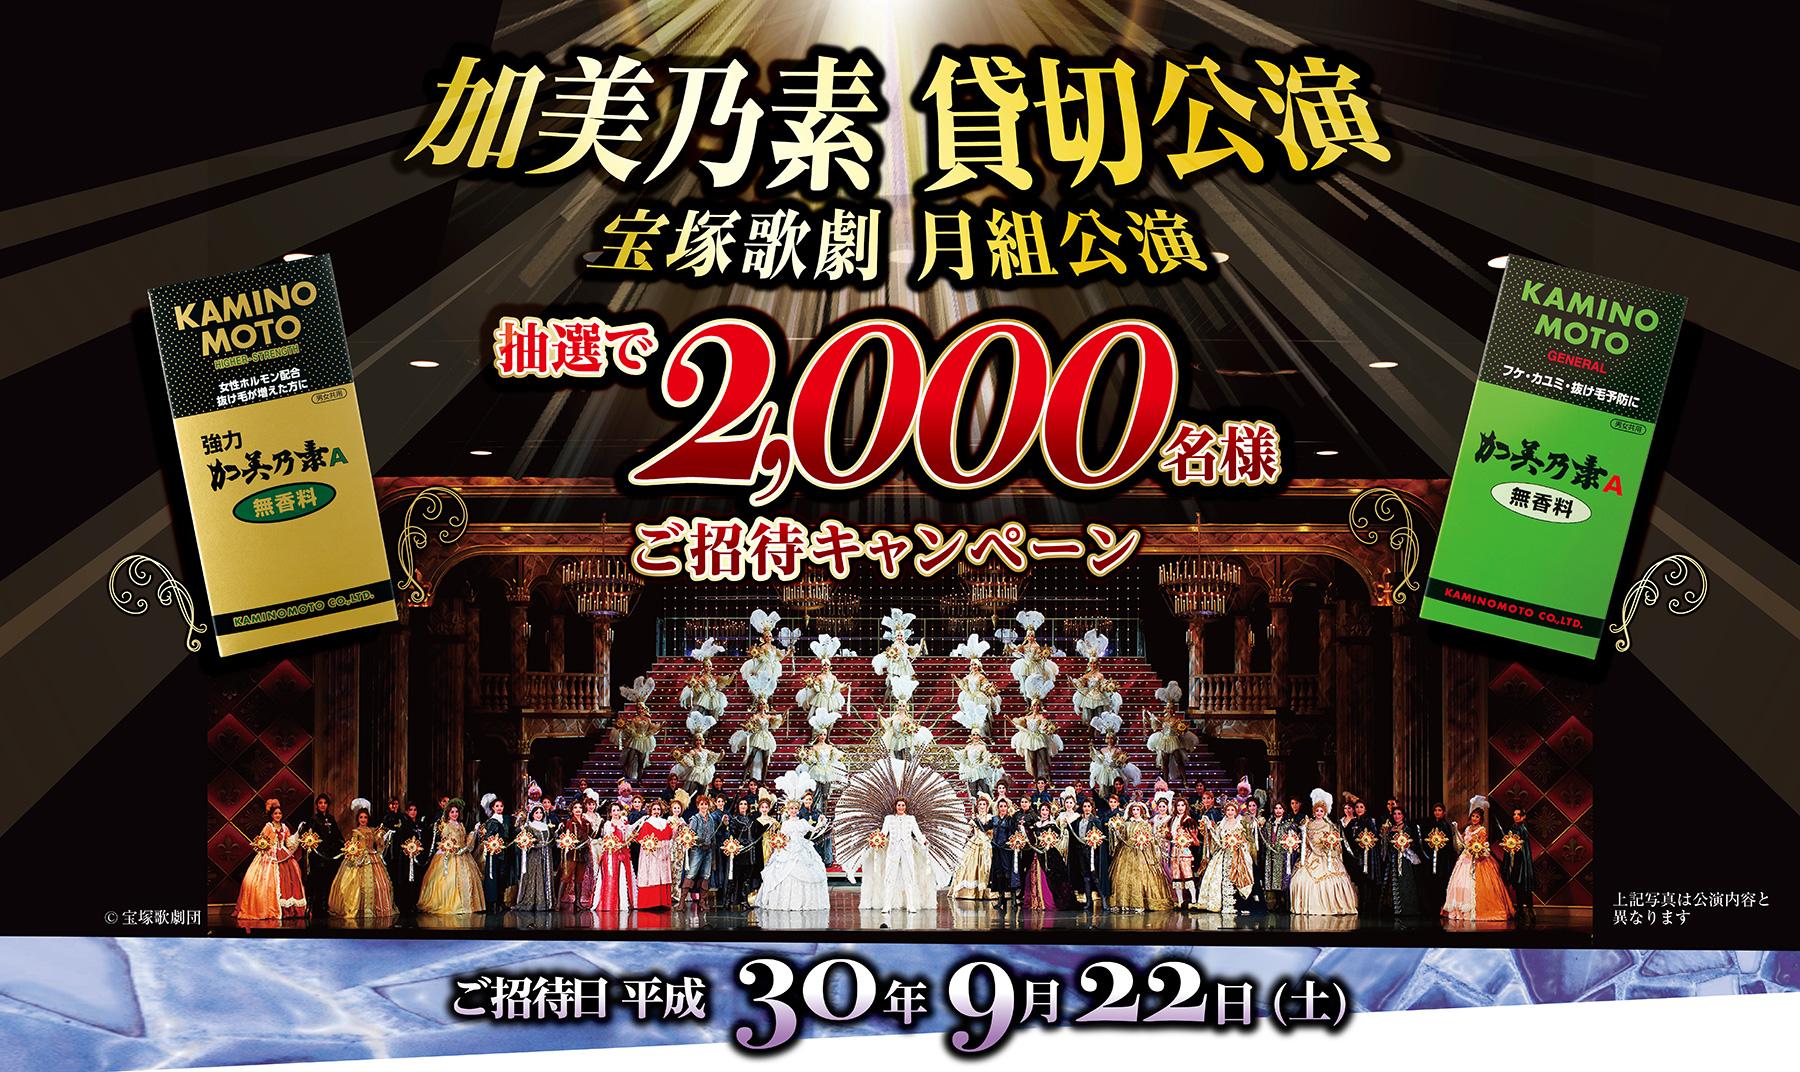 加美乃素宝塚歌劇月組貸切公演2000名様ご招待!